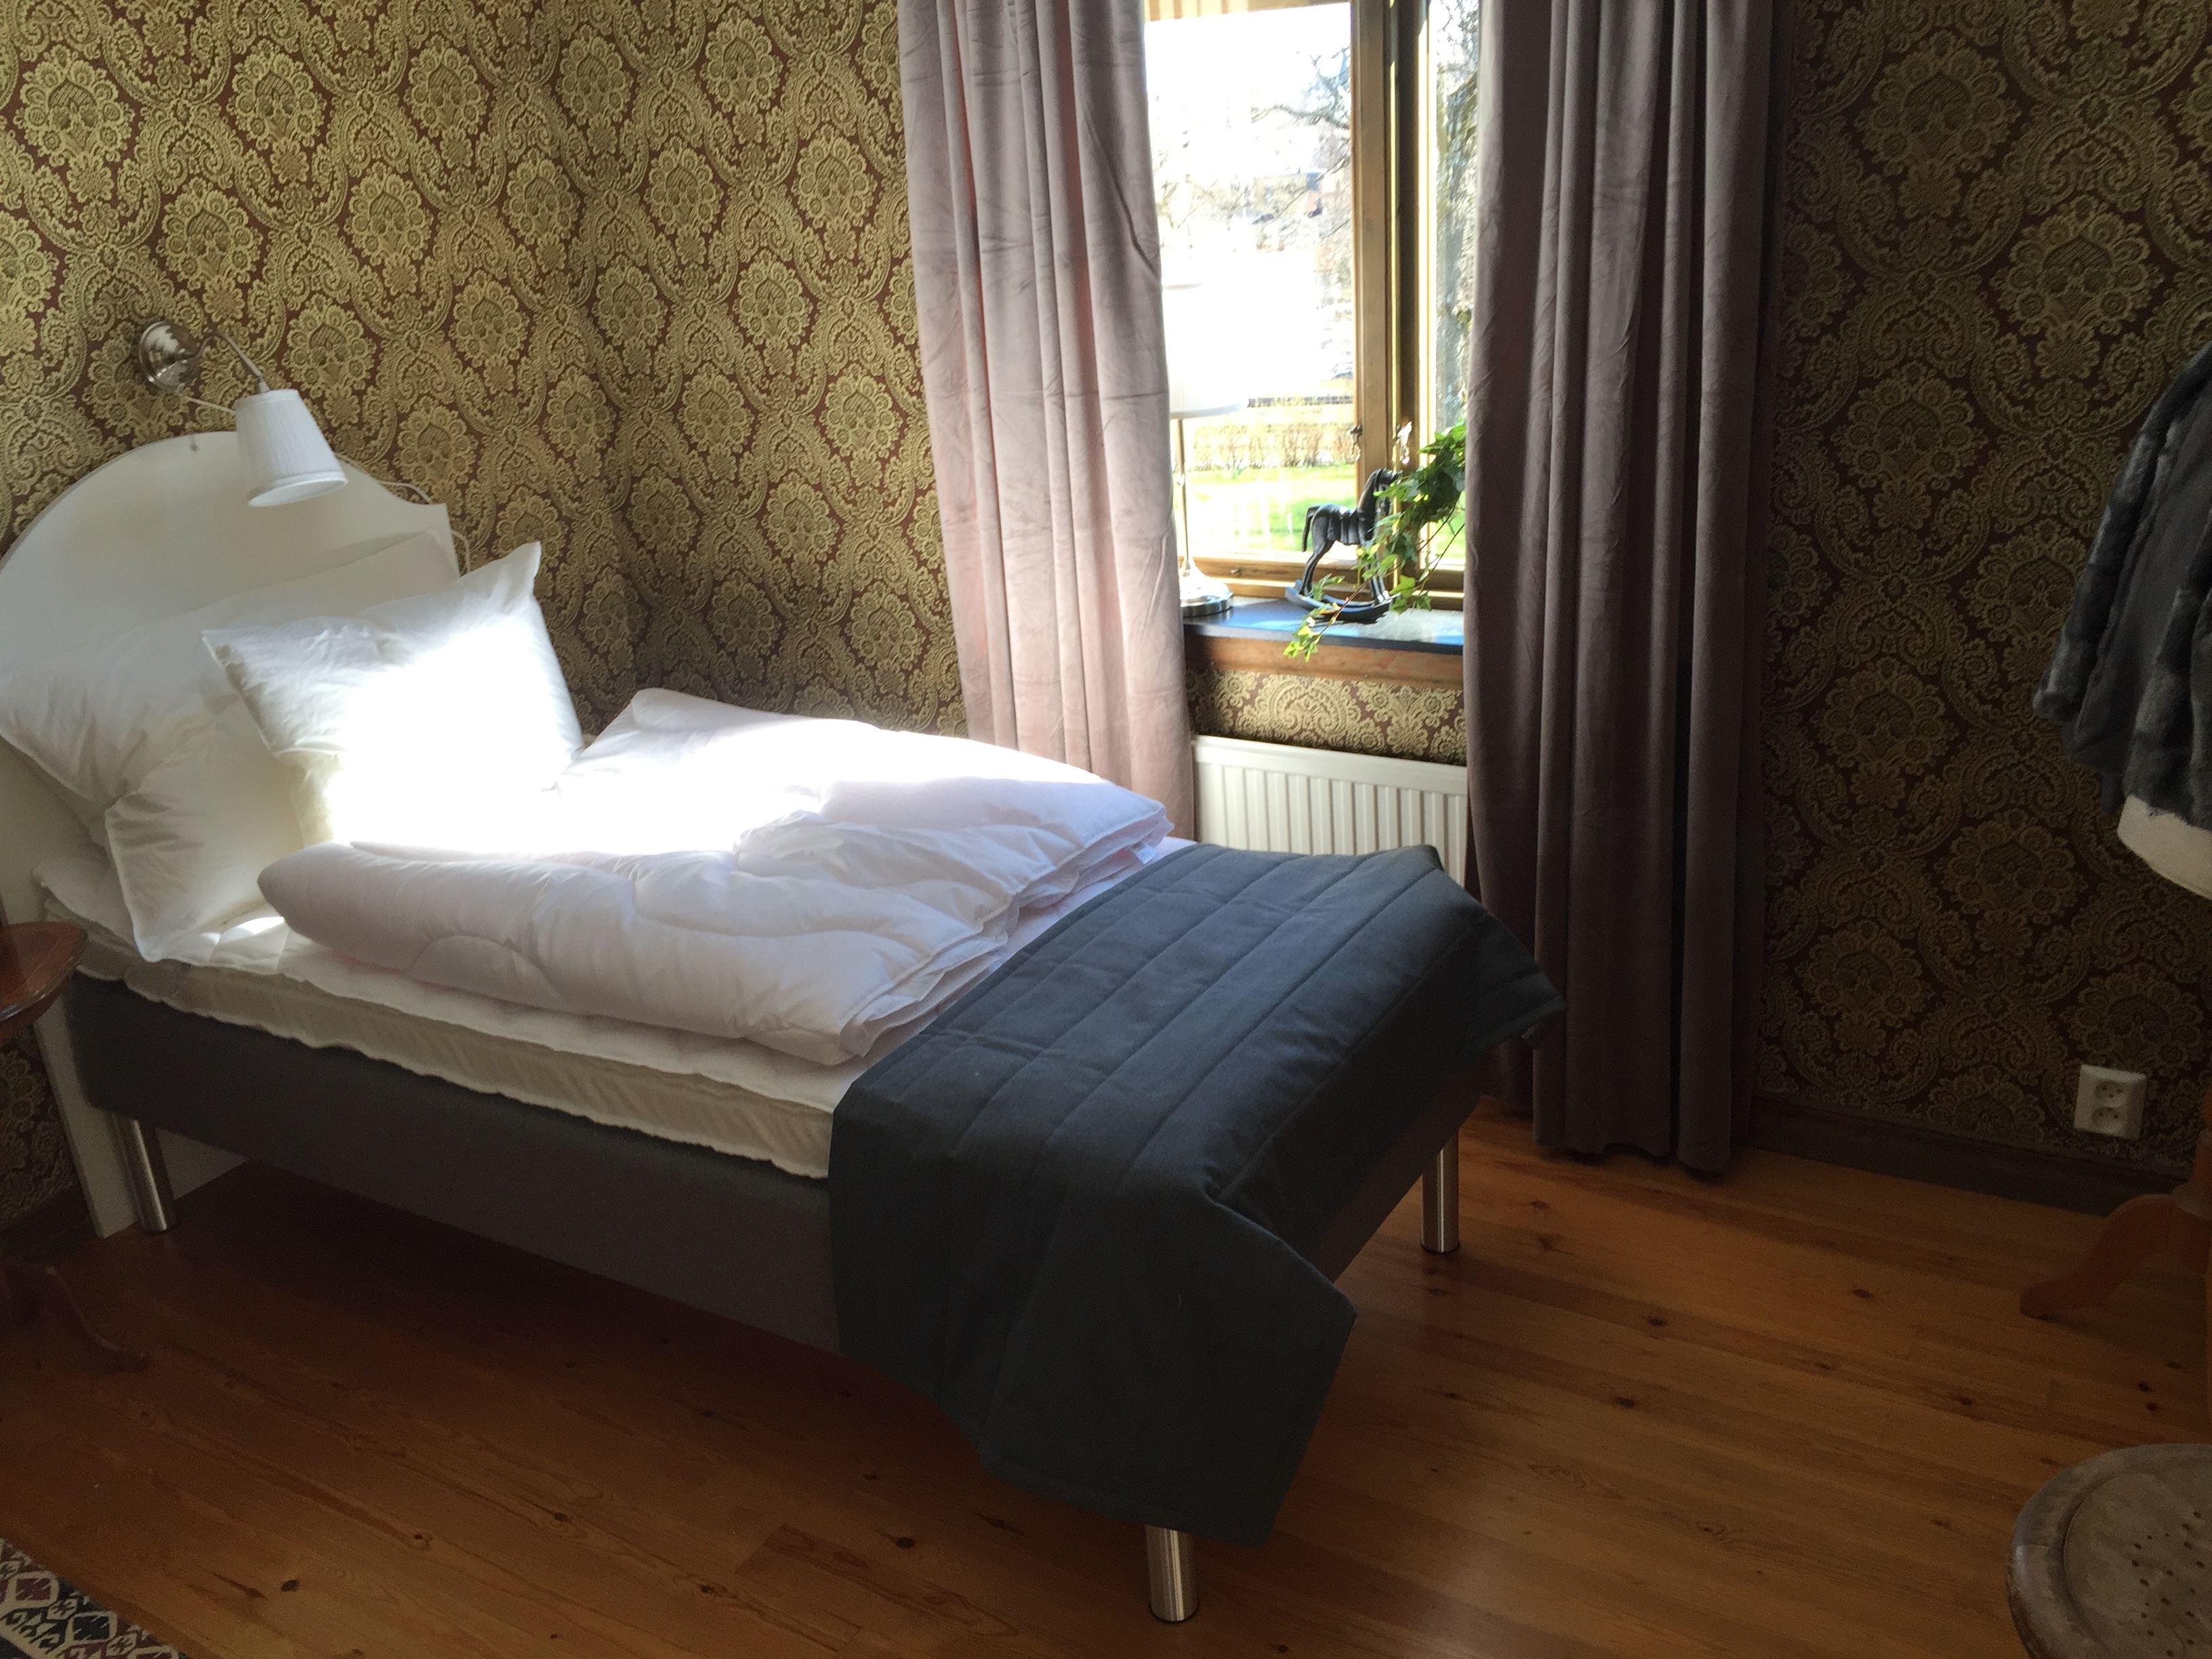 Smedstorps Bed & Breakfast